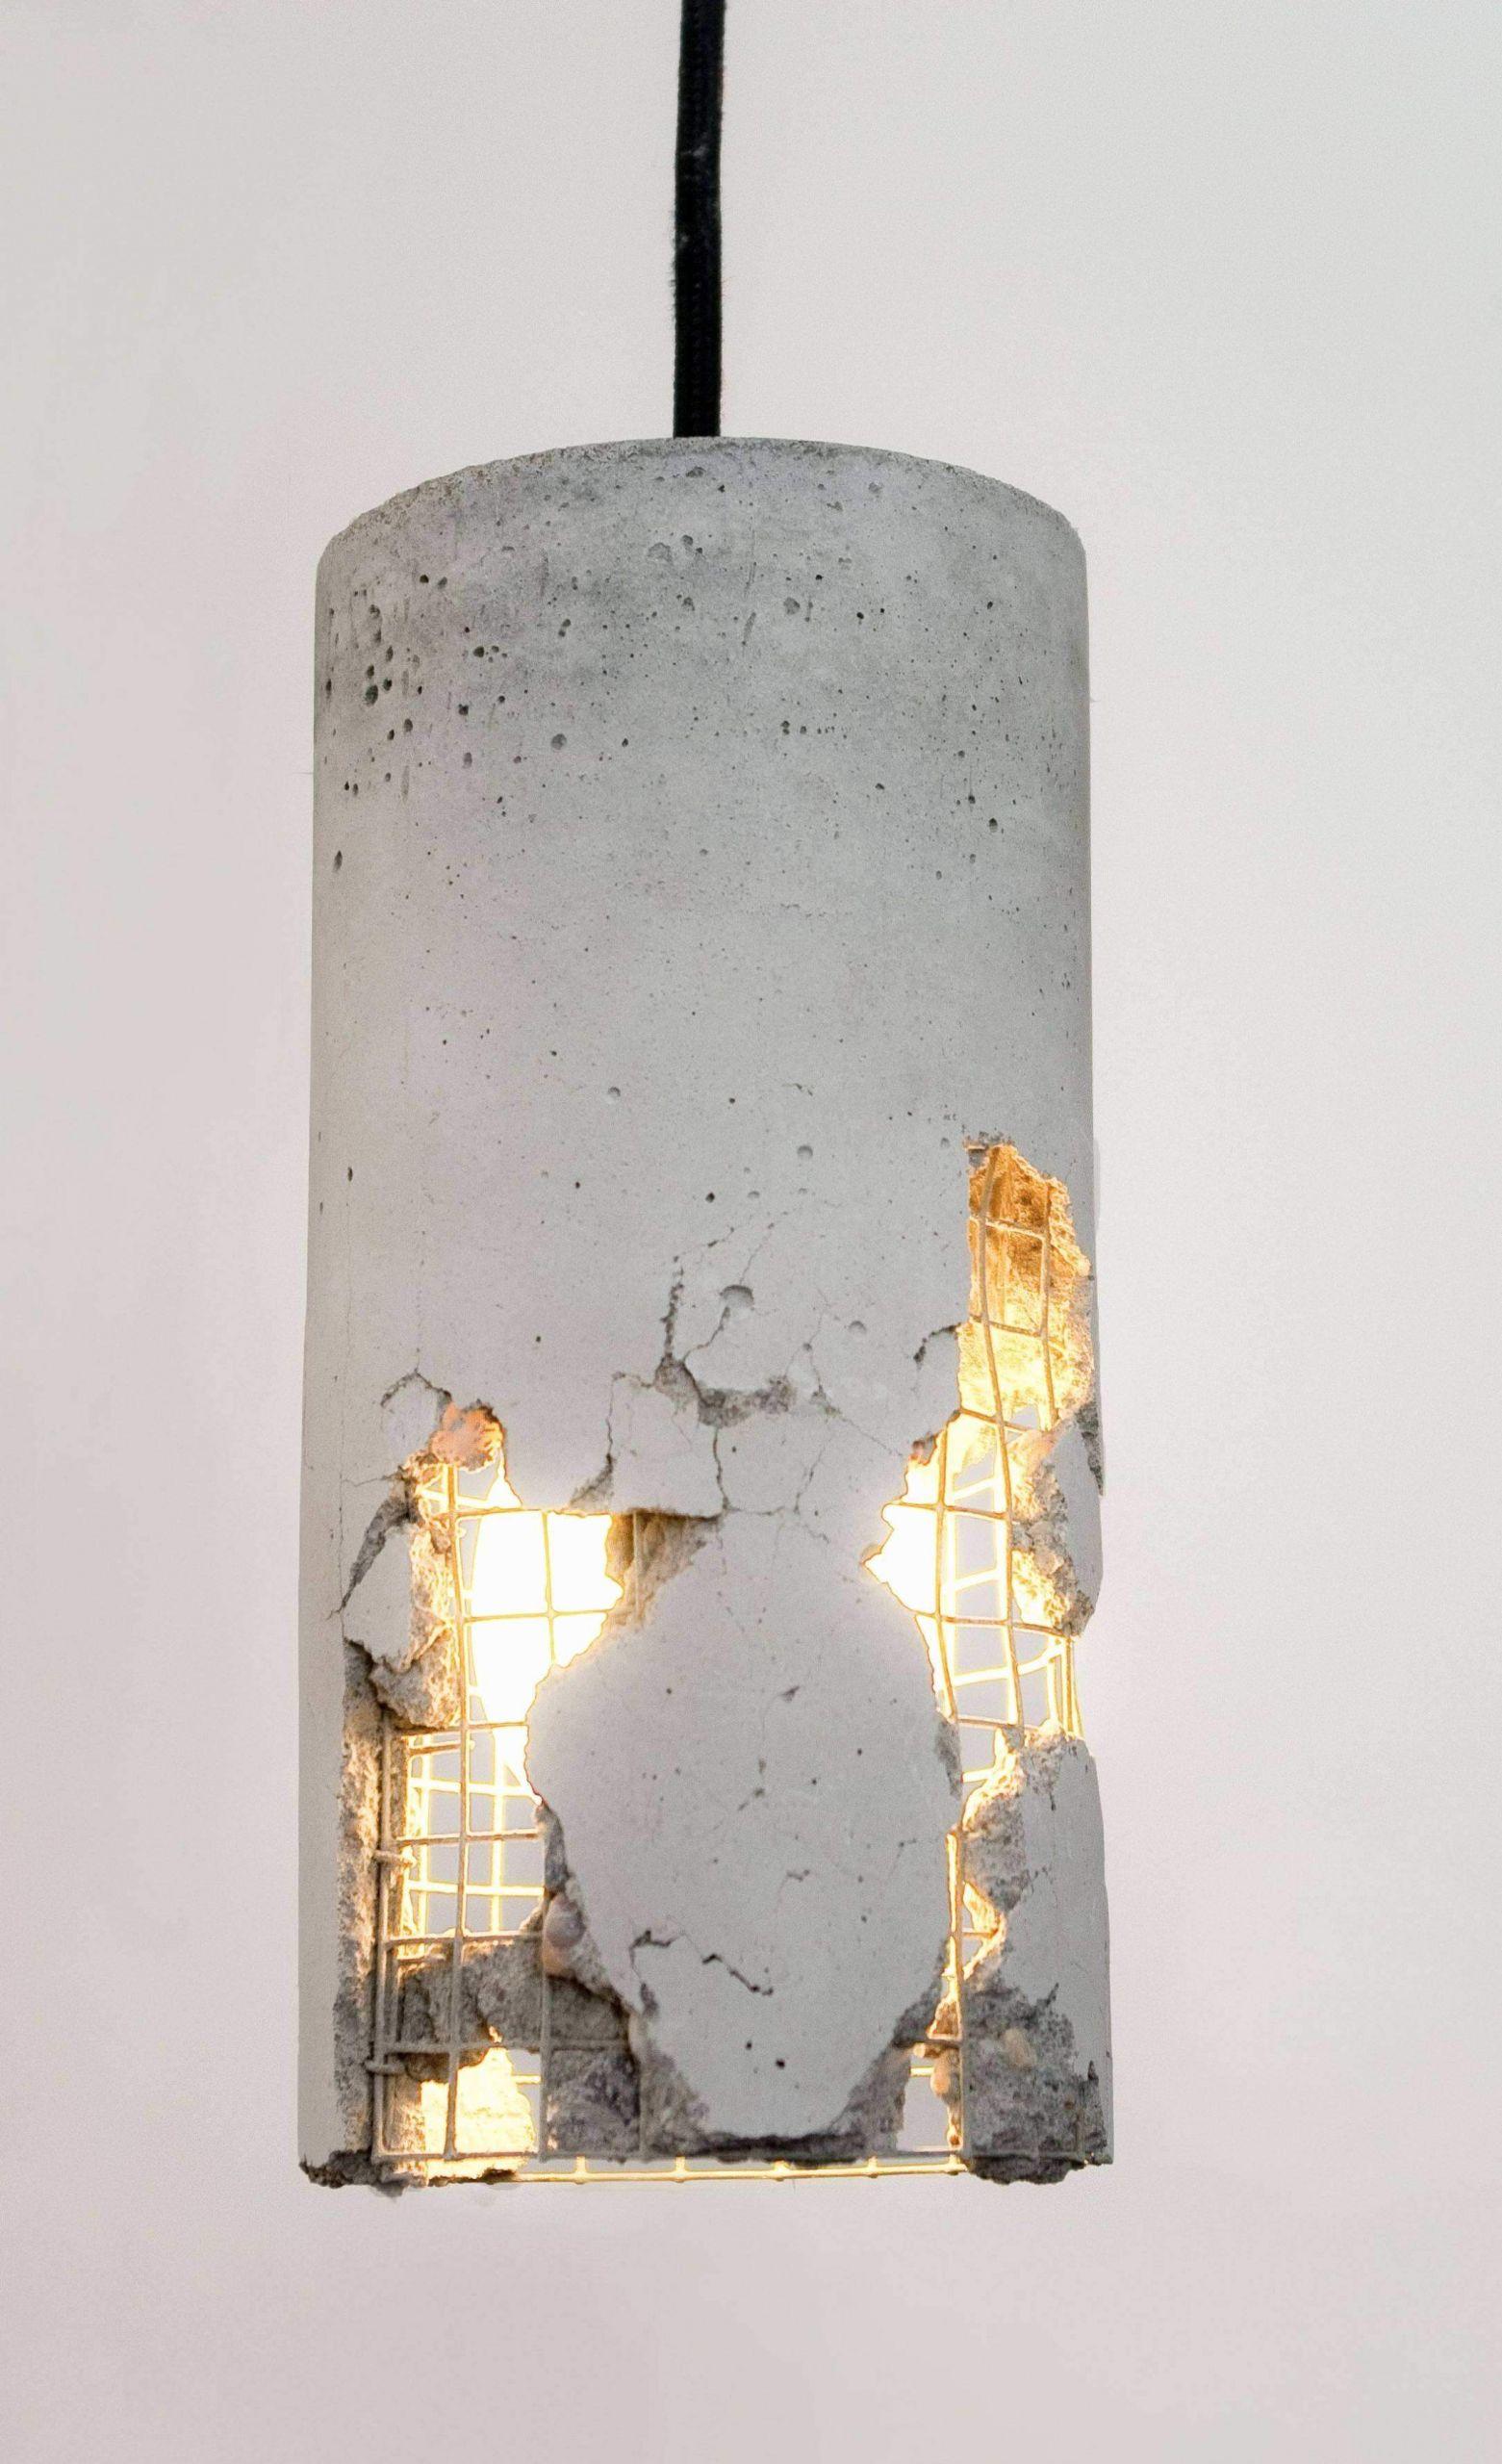 stehleuchte dimmbar design neu fresh stehlampe wohnzimmer modern inspirations of stehleuchte dimmbar design